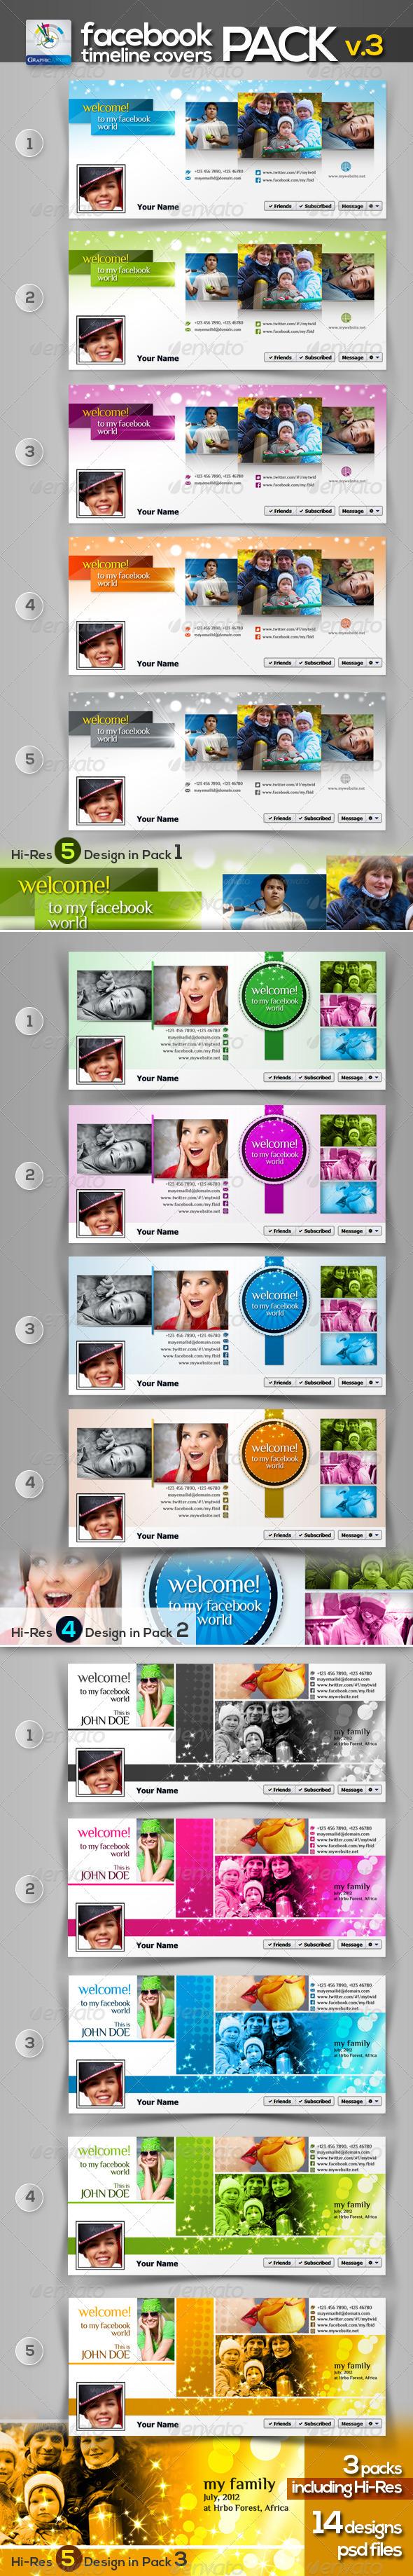 Modern Facebook Timeline Cover Pack v.3 - Facebook Timeline Covers Social Media